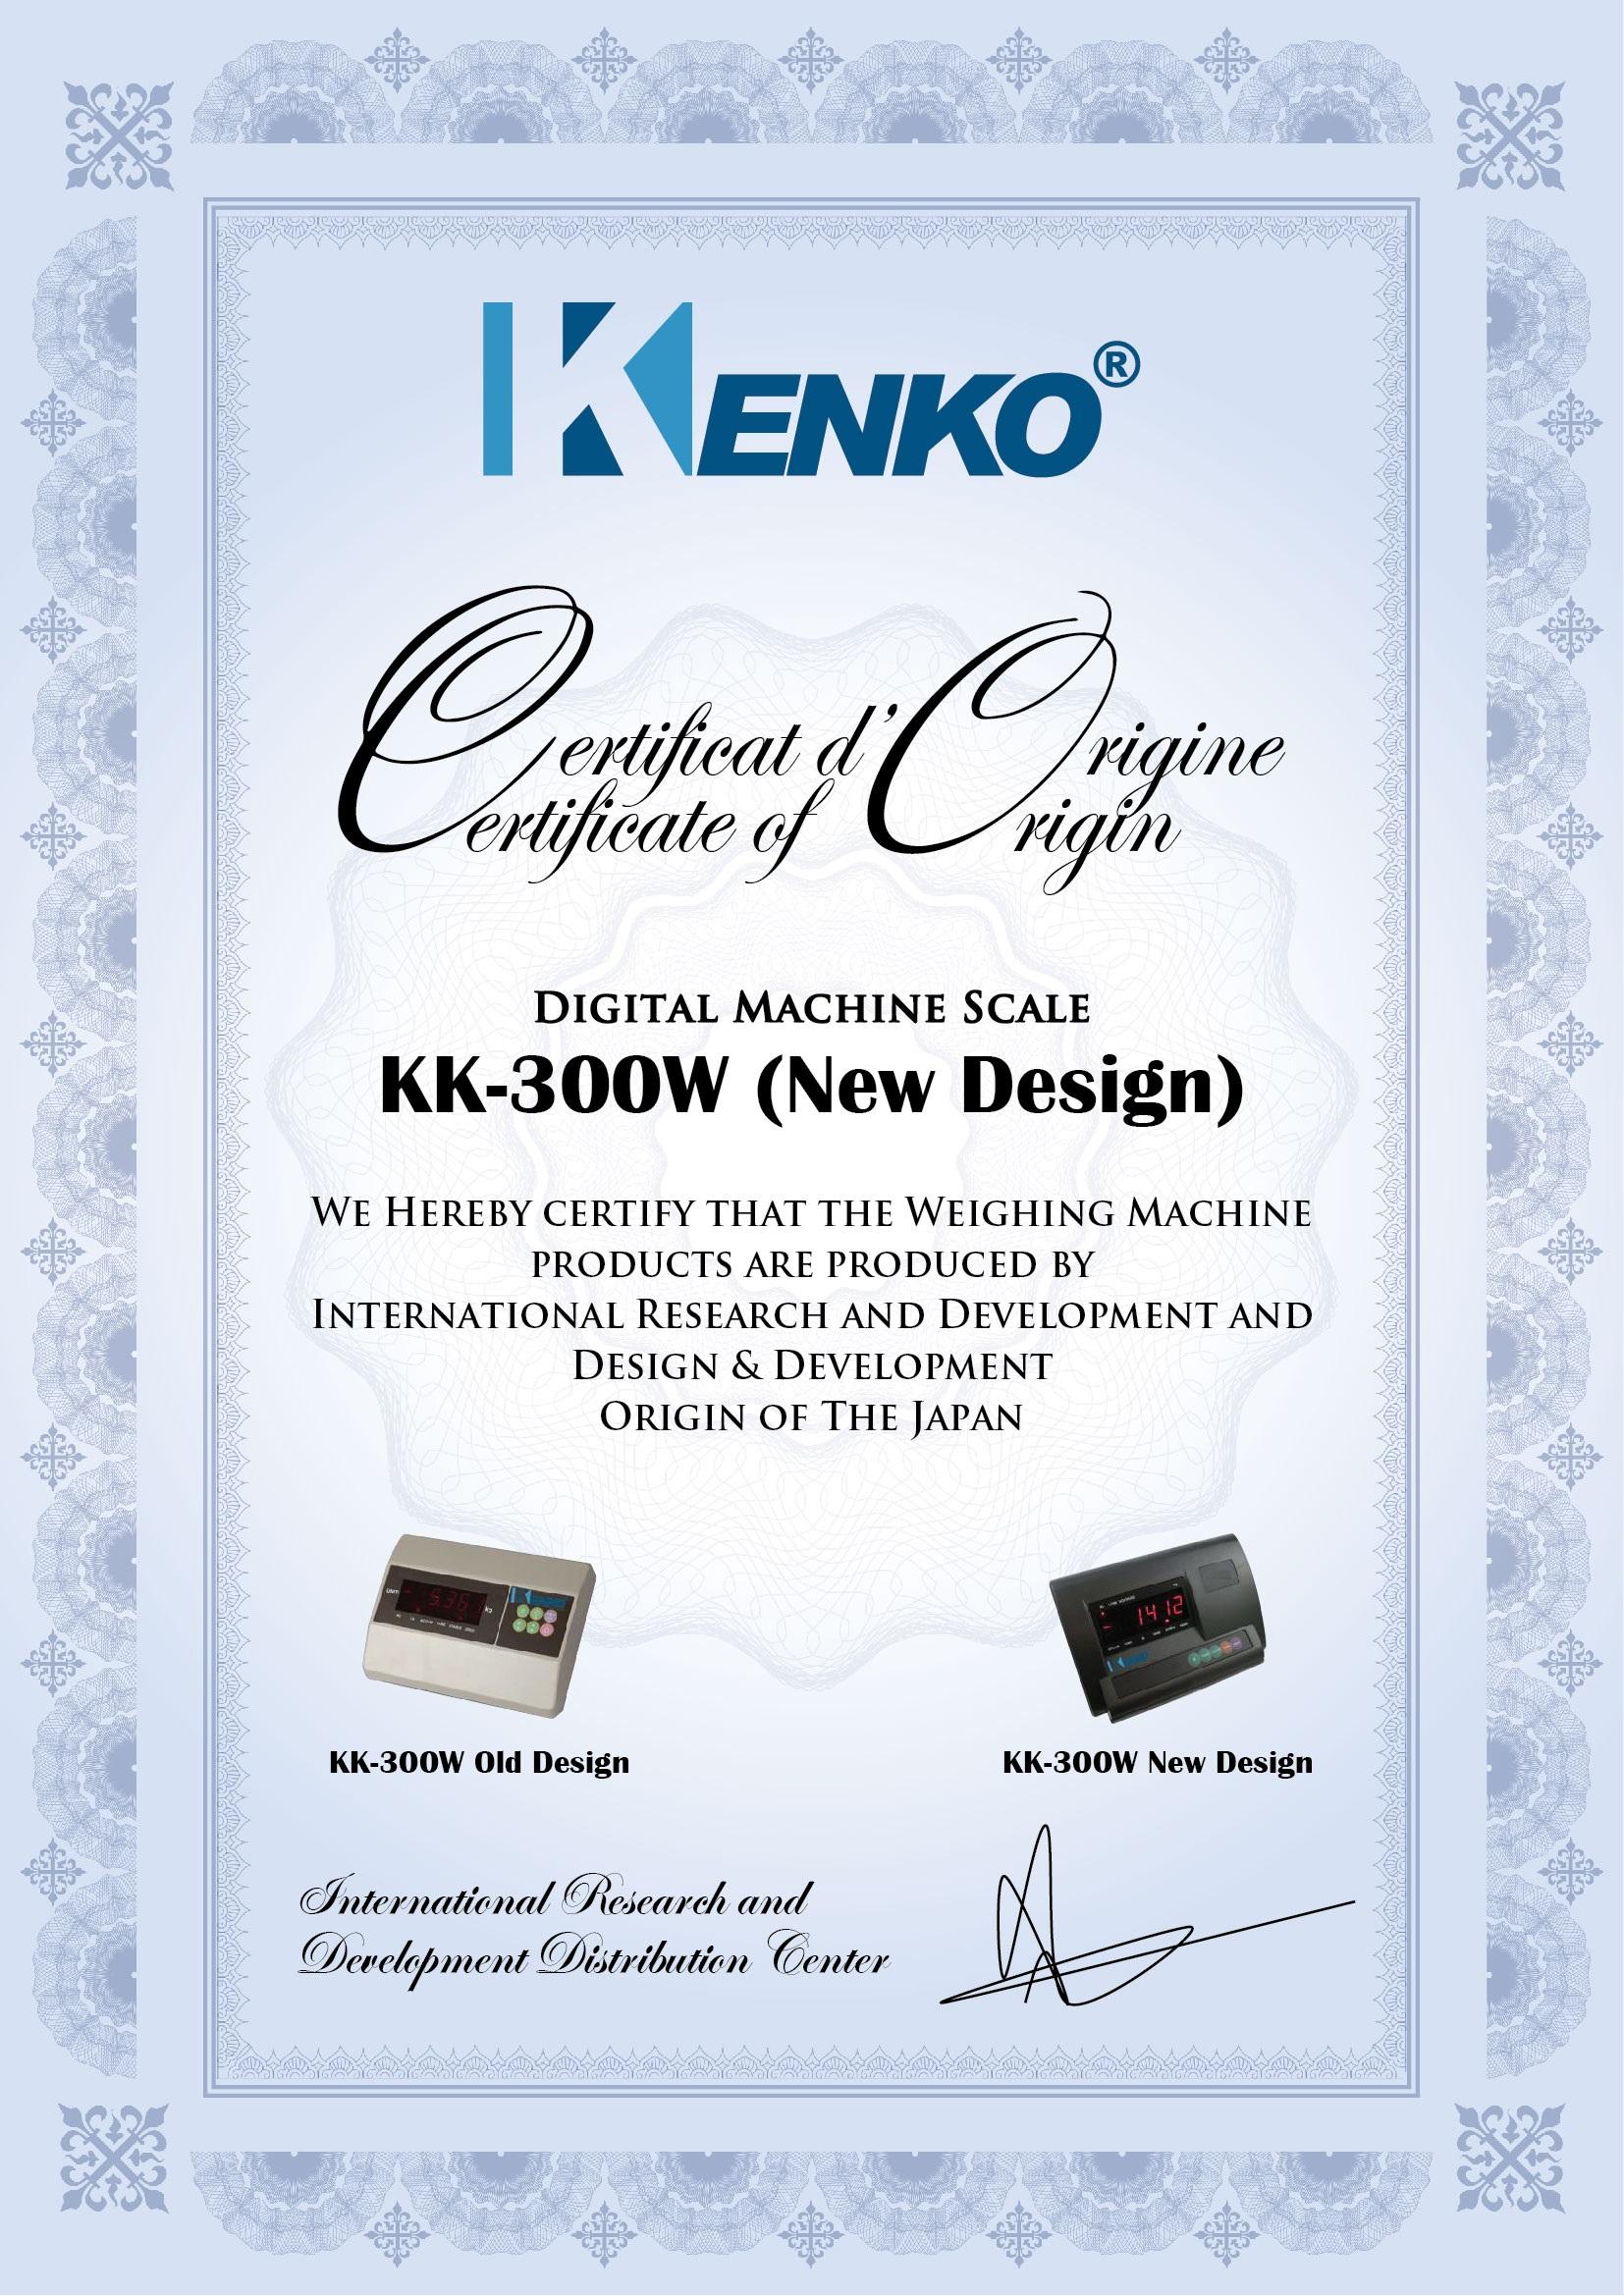 Sertifikat Kenko-01